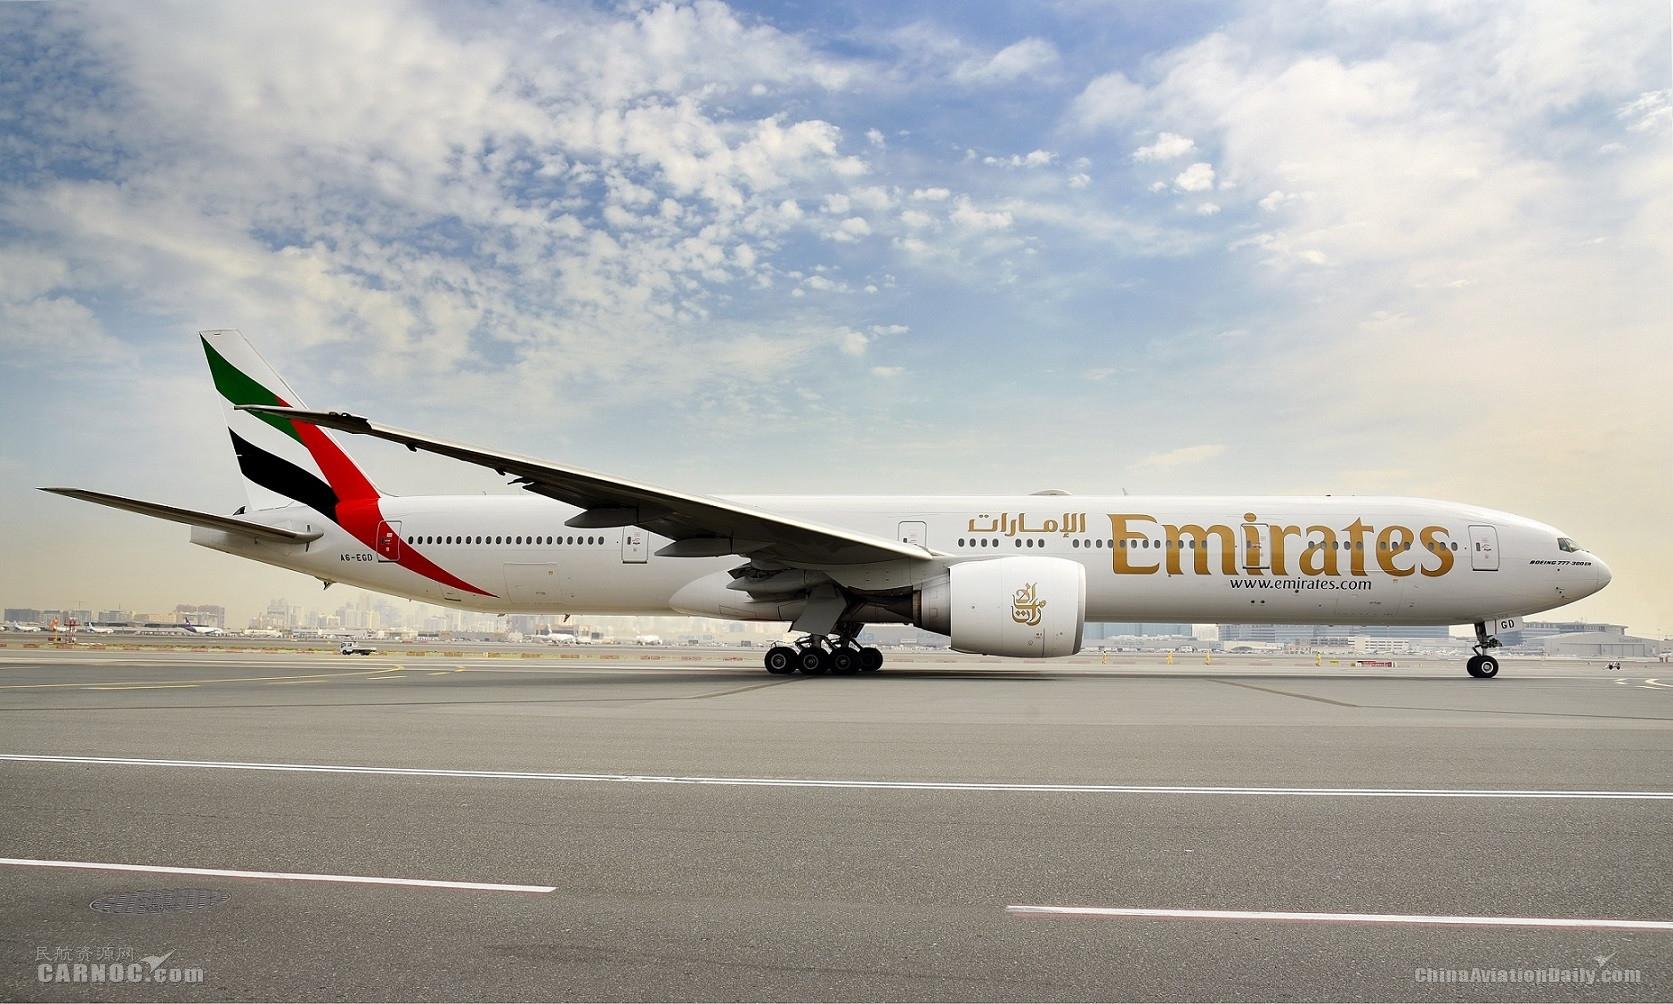 阿联酋航空改装客机经济舱进一步提升运力